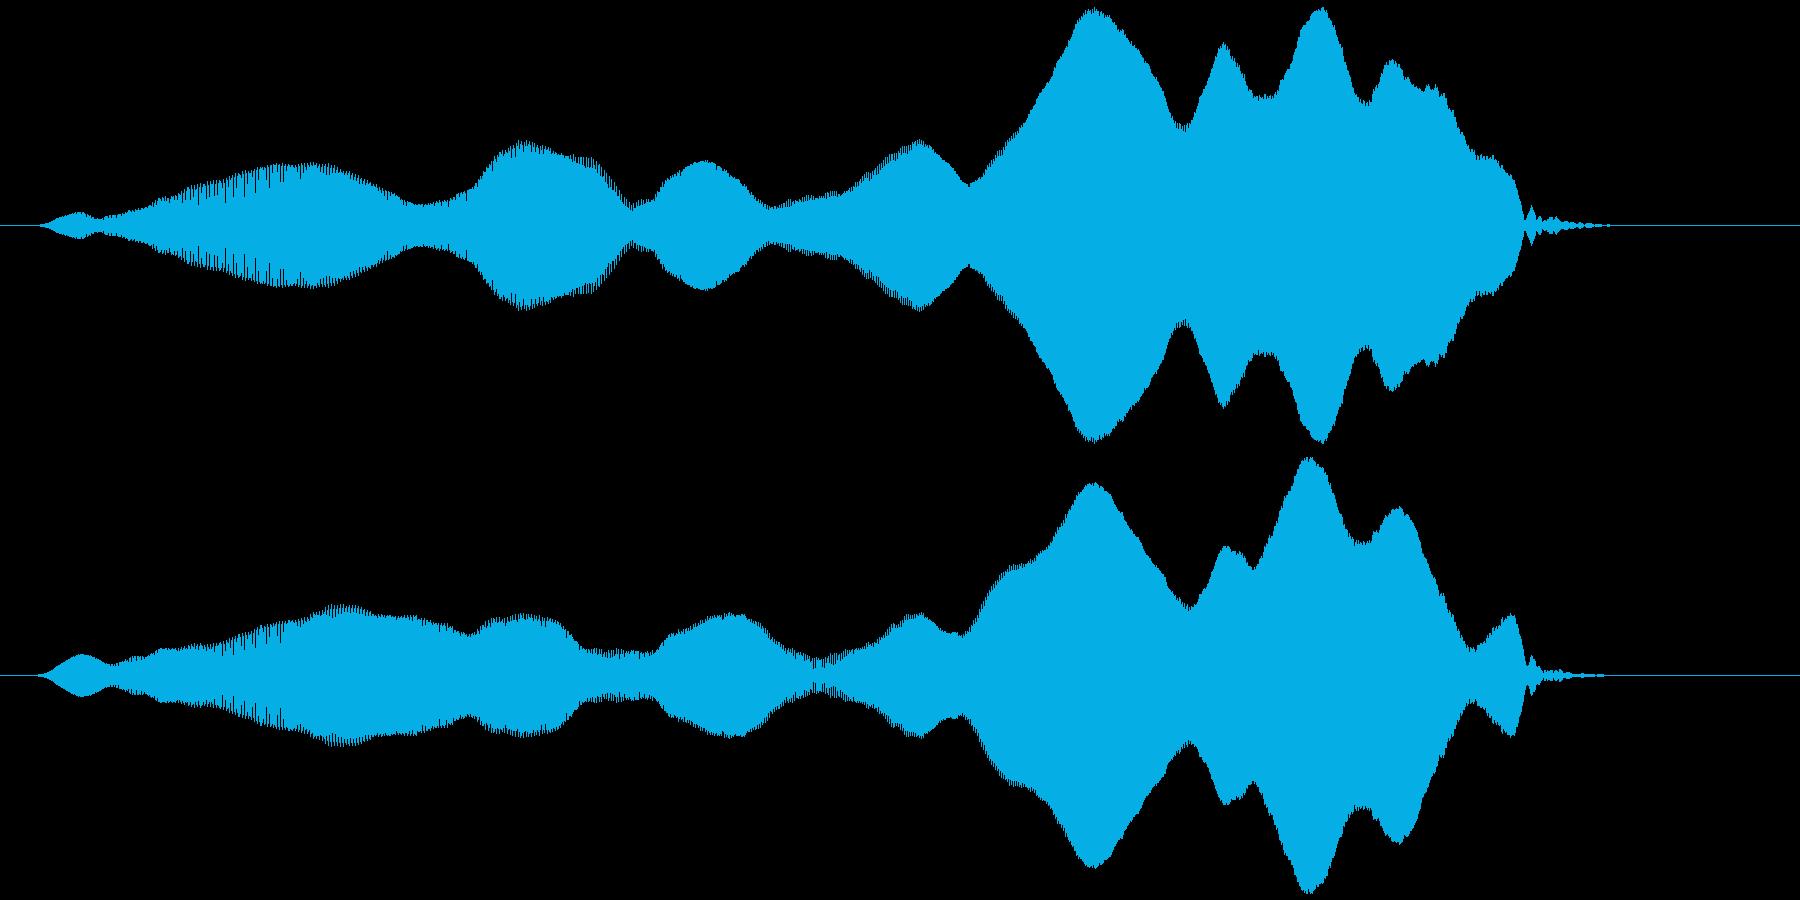 オノマトペ(やや長め上昇)ヒヨーォーの再生済みの波形